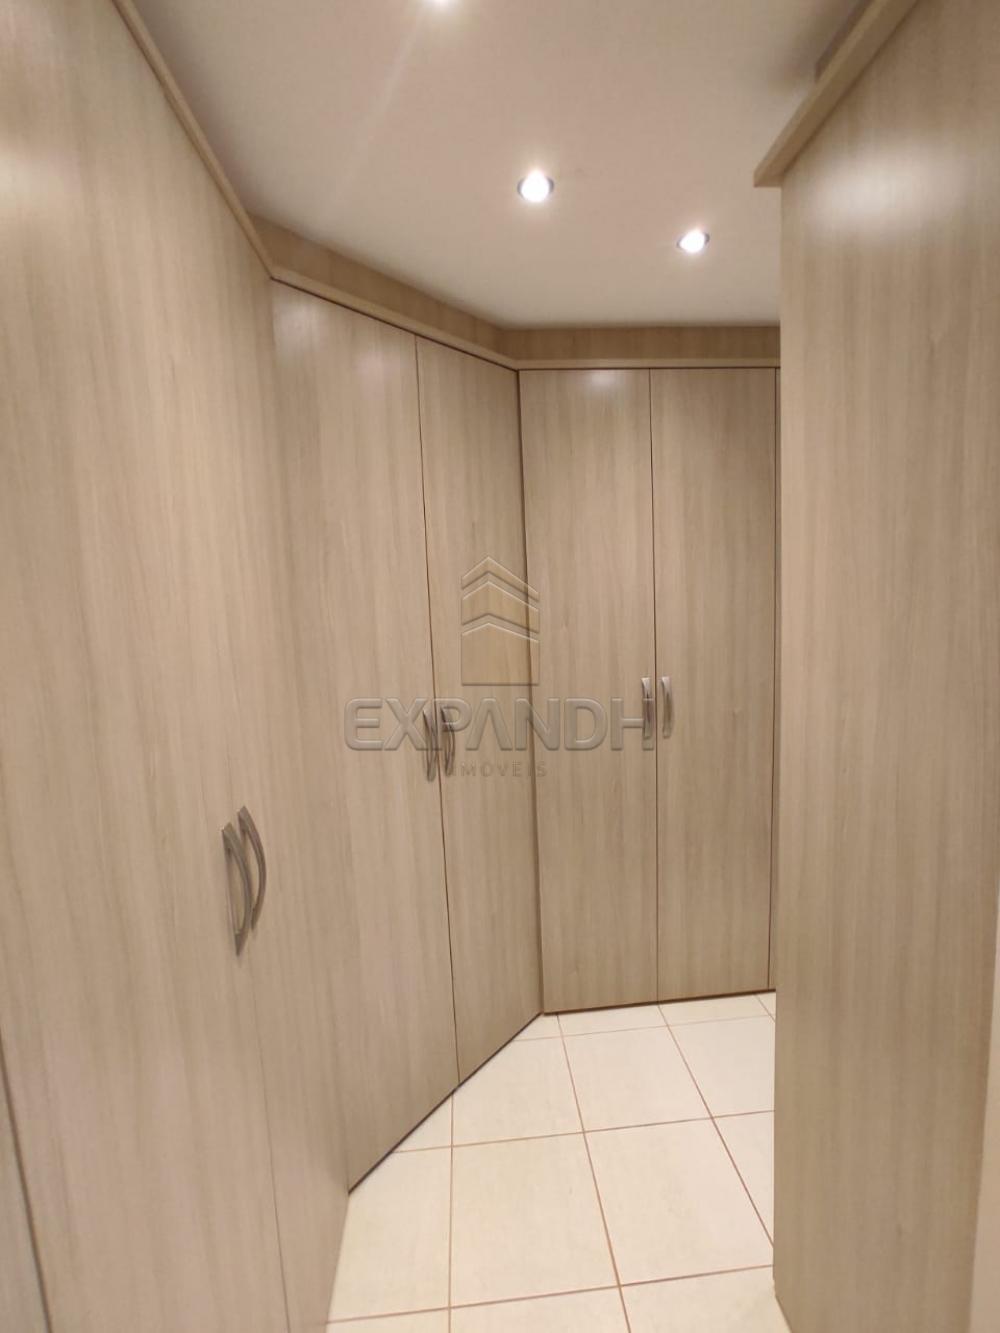 Comprar Apartamentos / Duplex em Sertãozinho R$ 890.000,00 - Foto 26